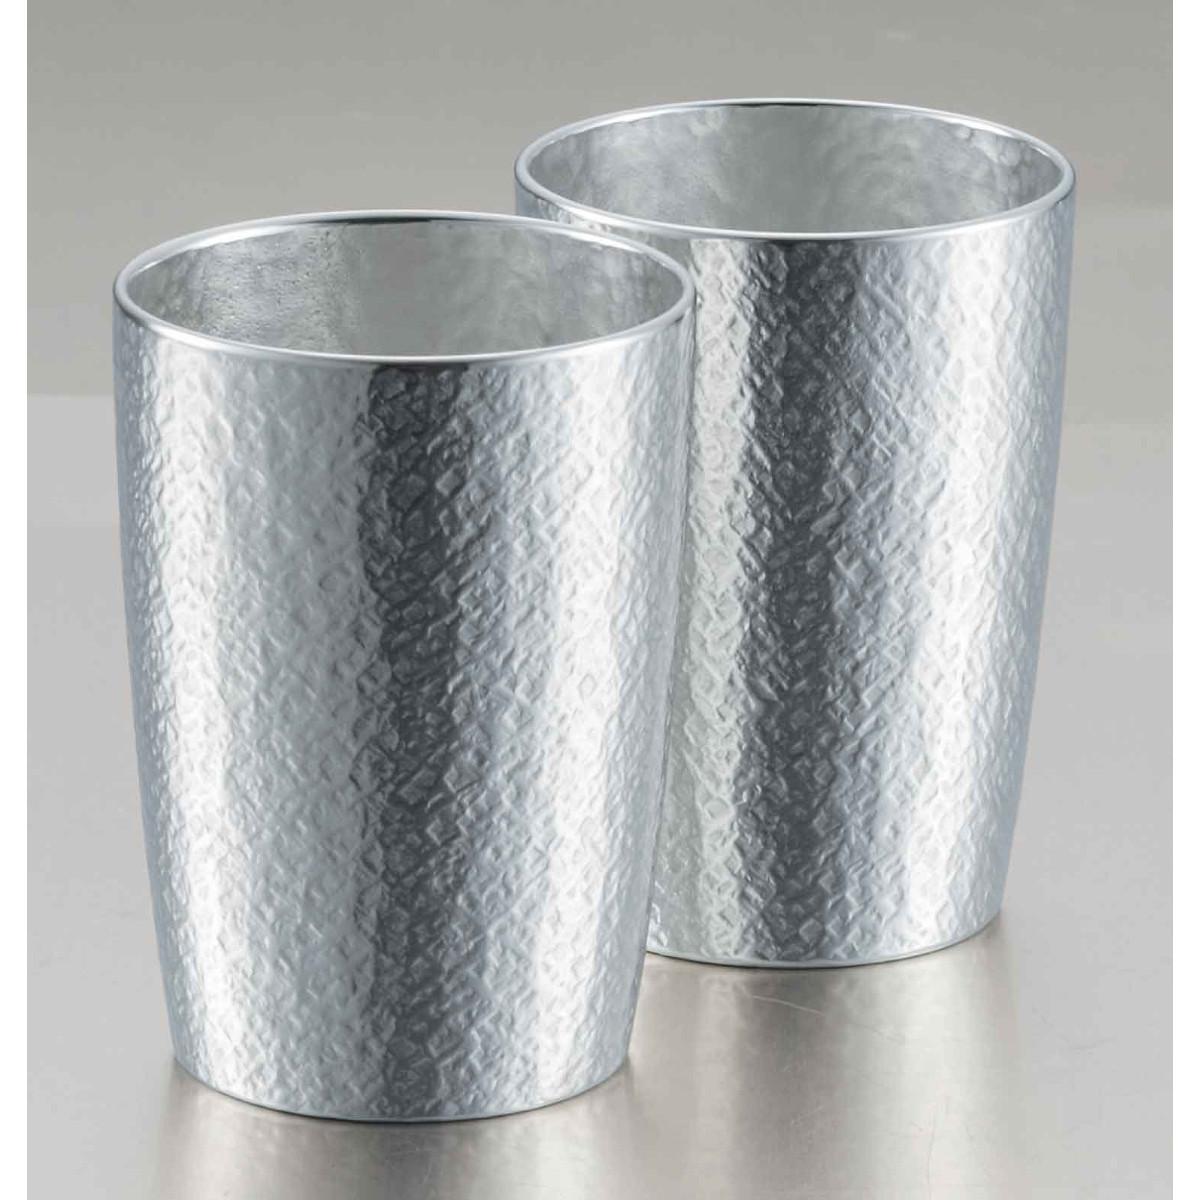 【父の日ギフト】【送料無料】【大阪錫器】錫製タンブラー ベルク 小 2客セット